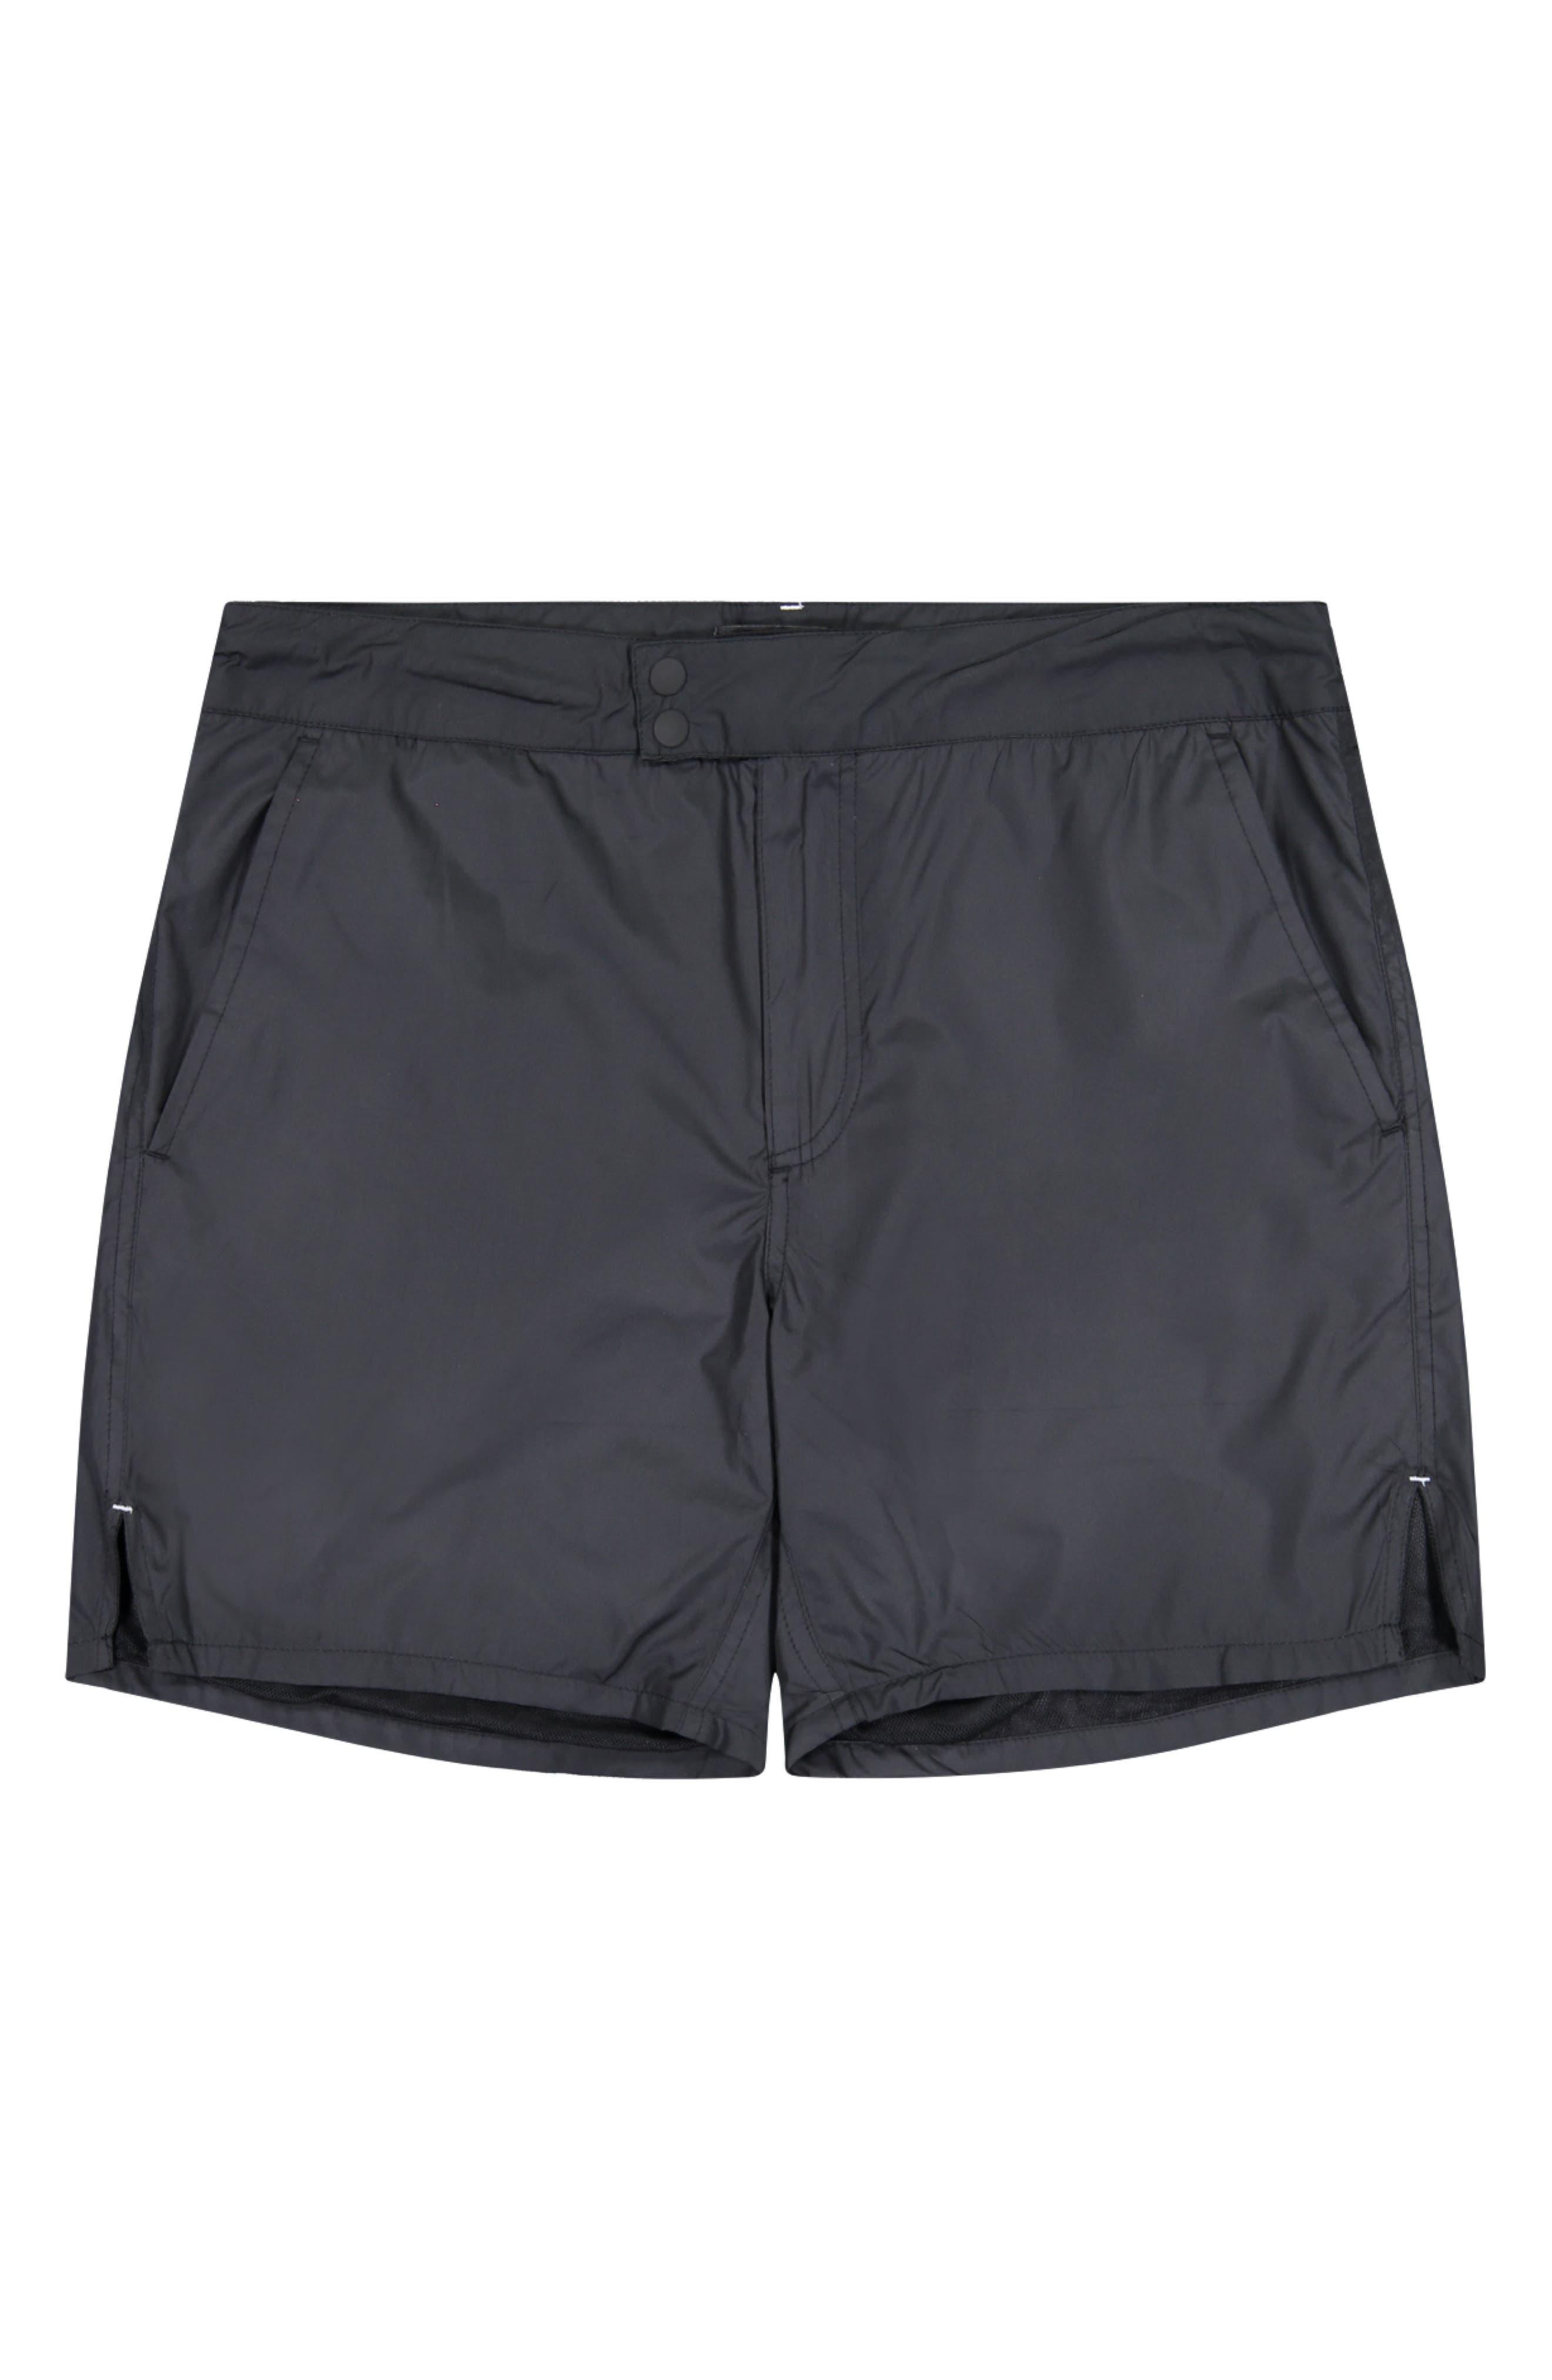 Tailored Men's Swim Trunks